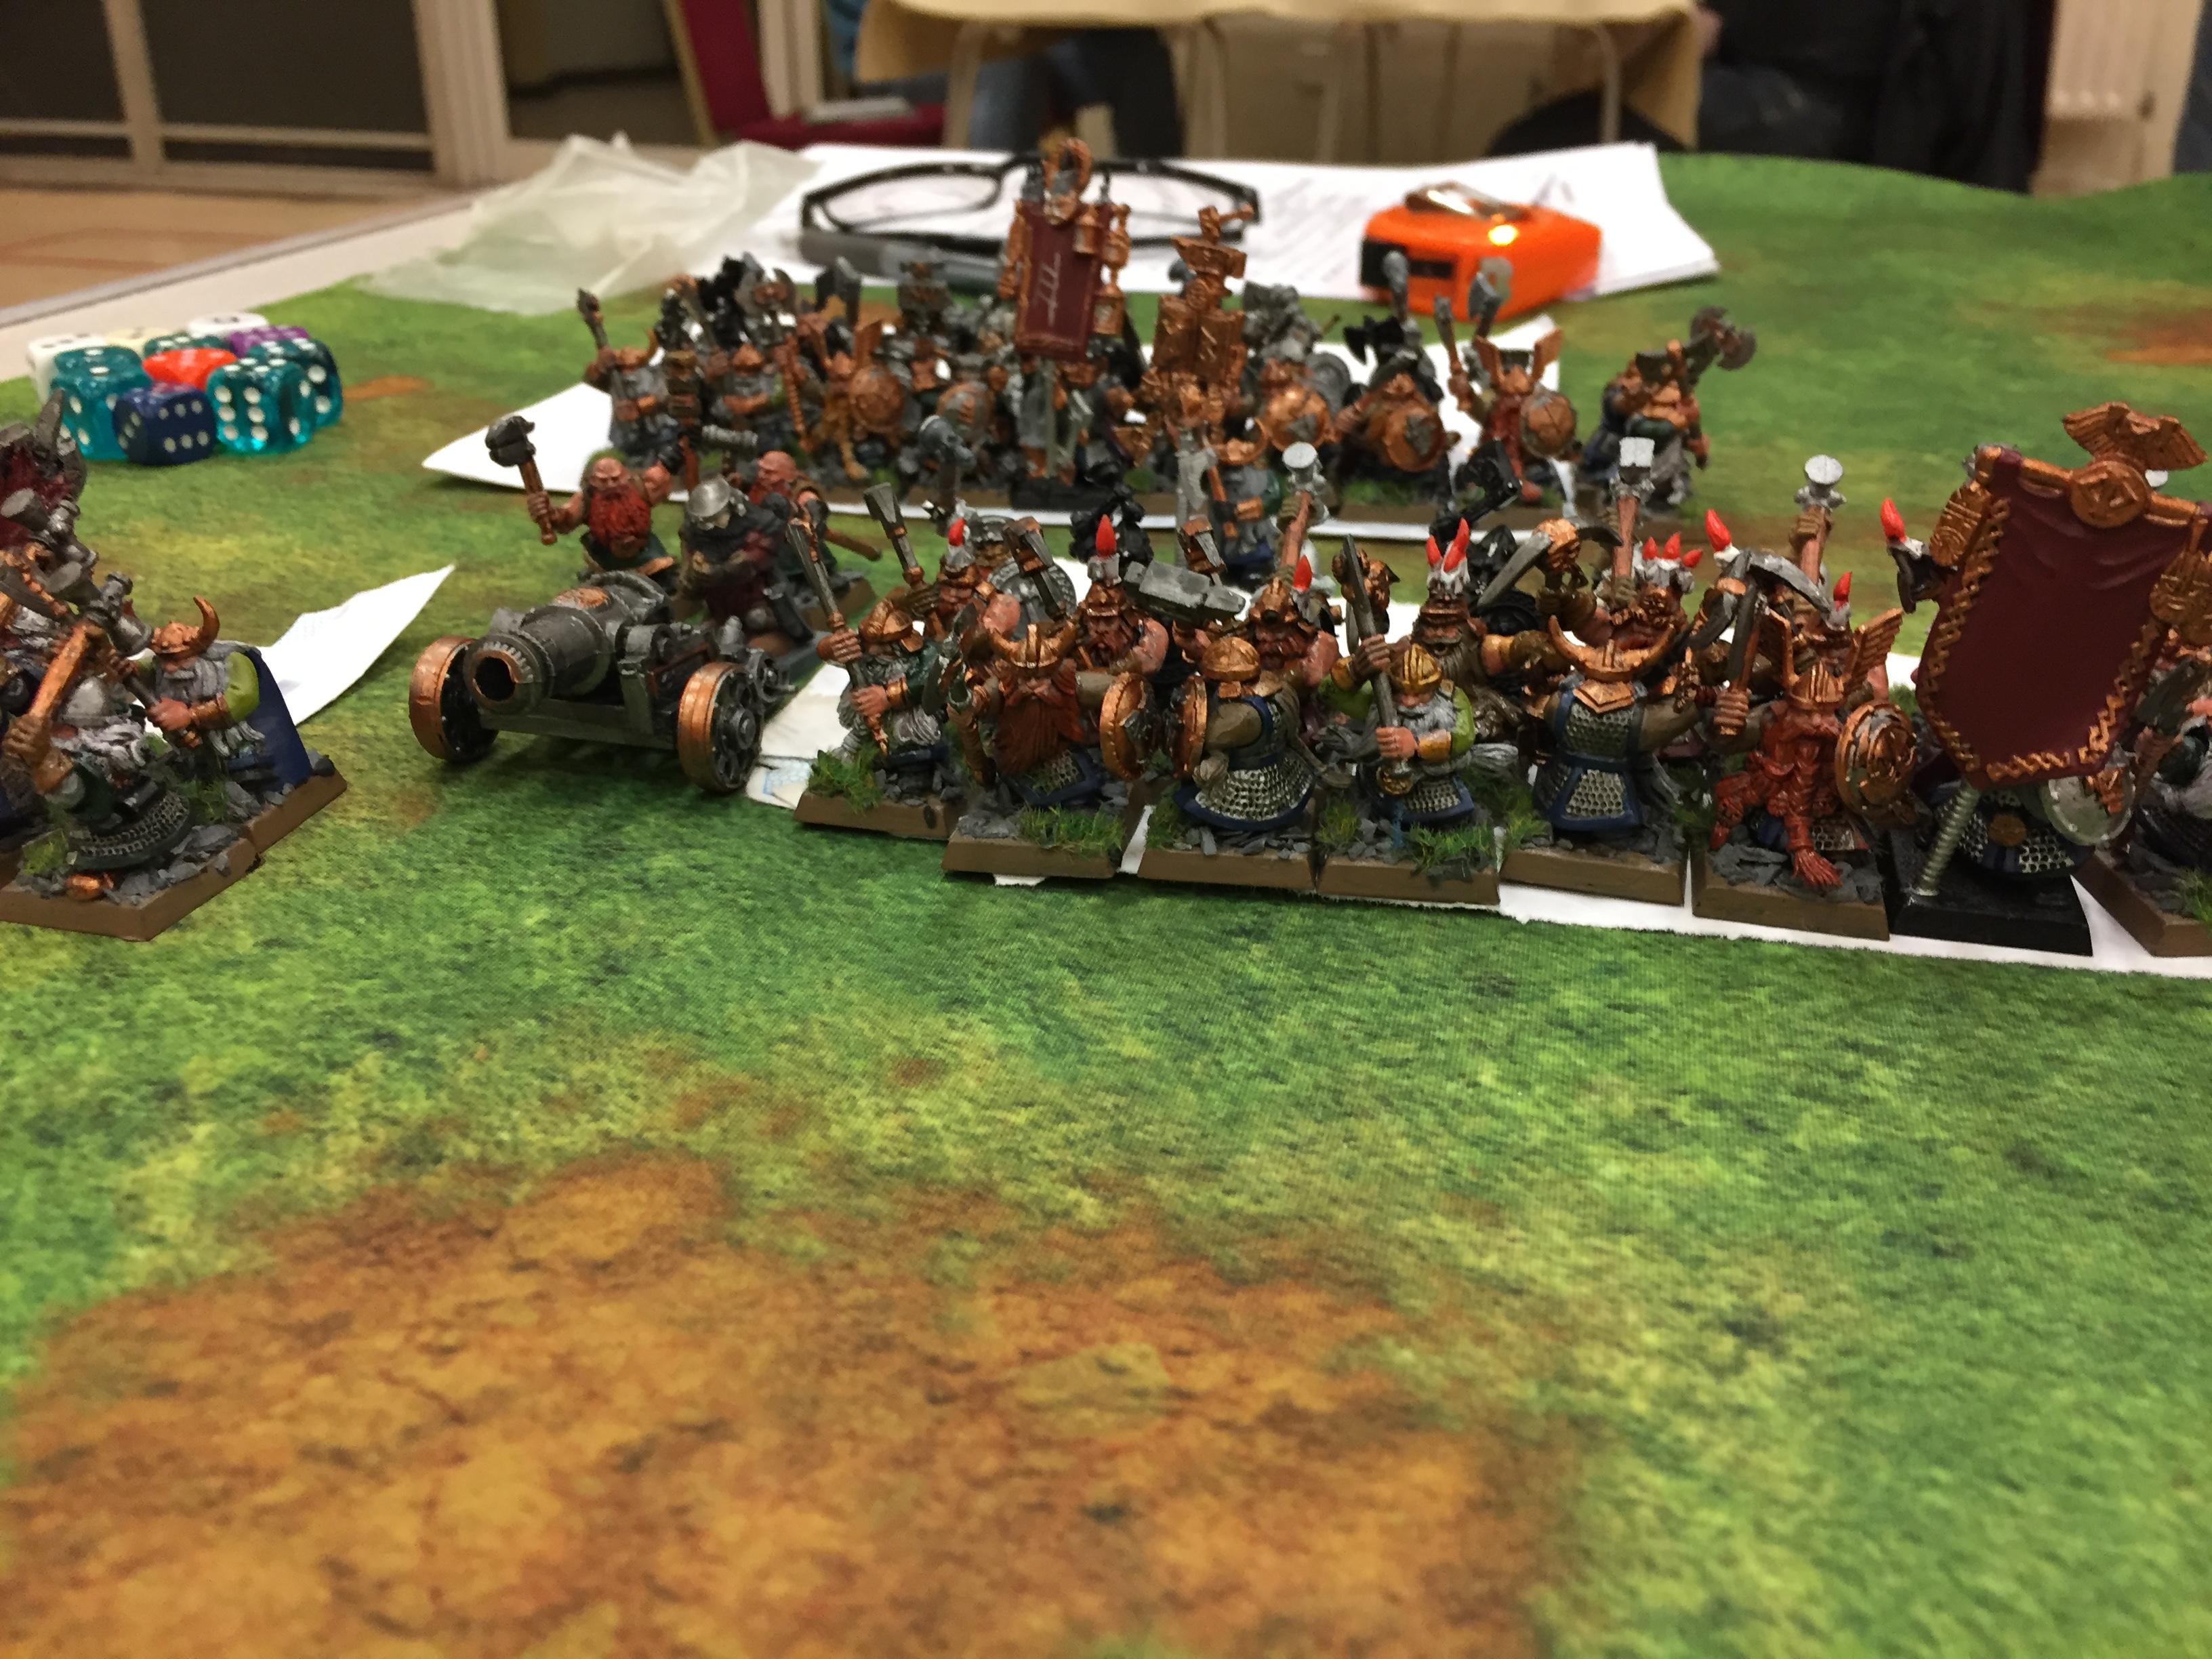 10. Turn 1 - Dwarf